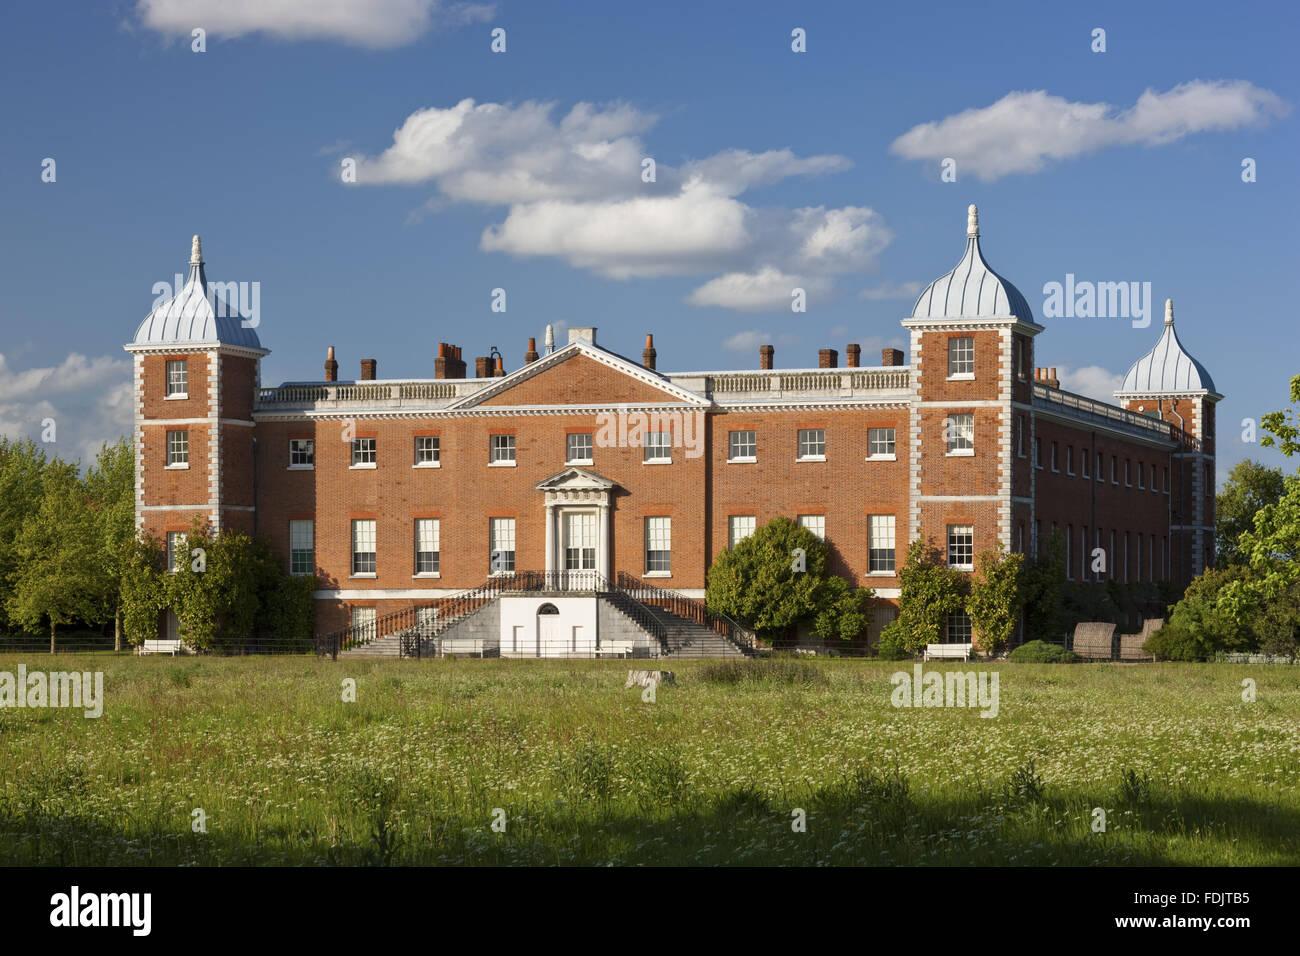 Der Westen oder Garten vor dem Haus mit geschwungenen Treppe am Osterley, Middlesex. Das Haus war ursprünglich Stockbild